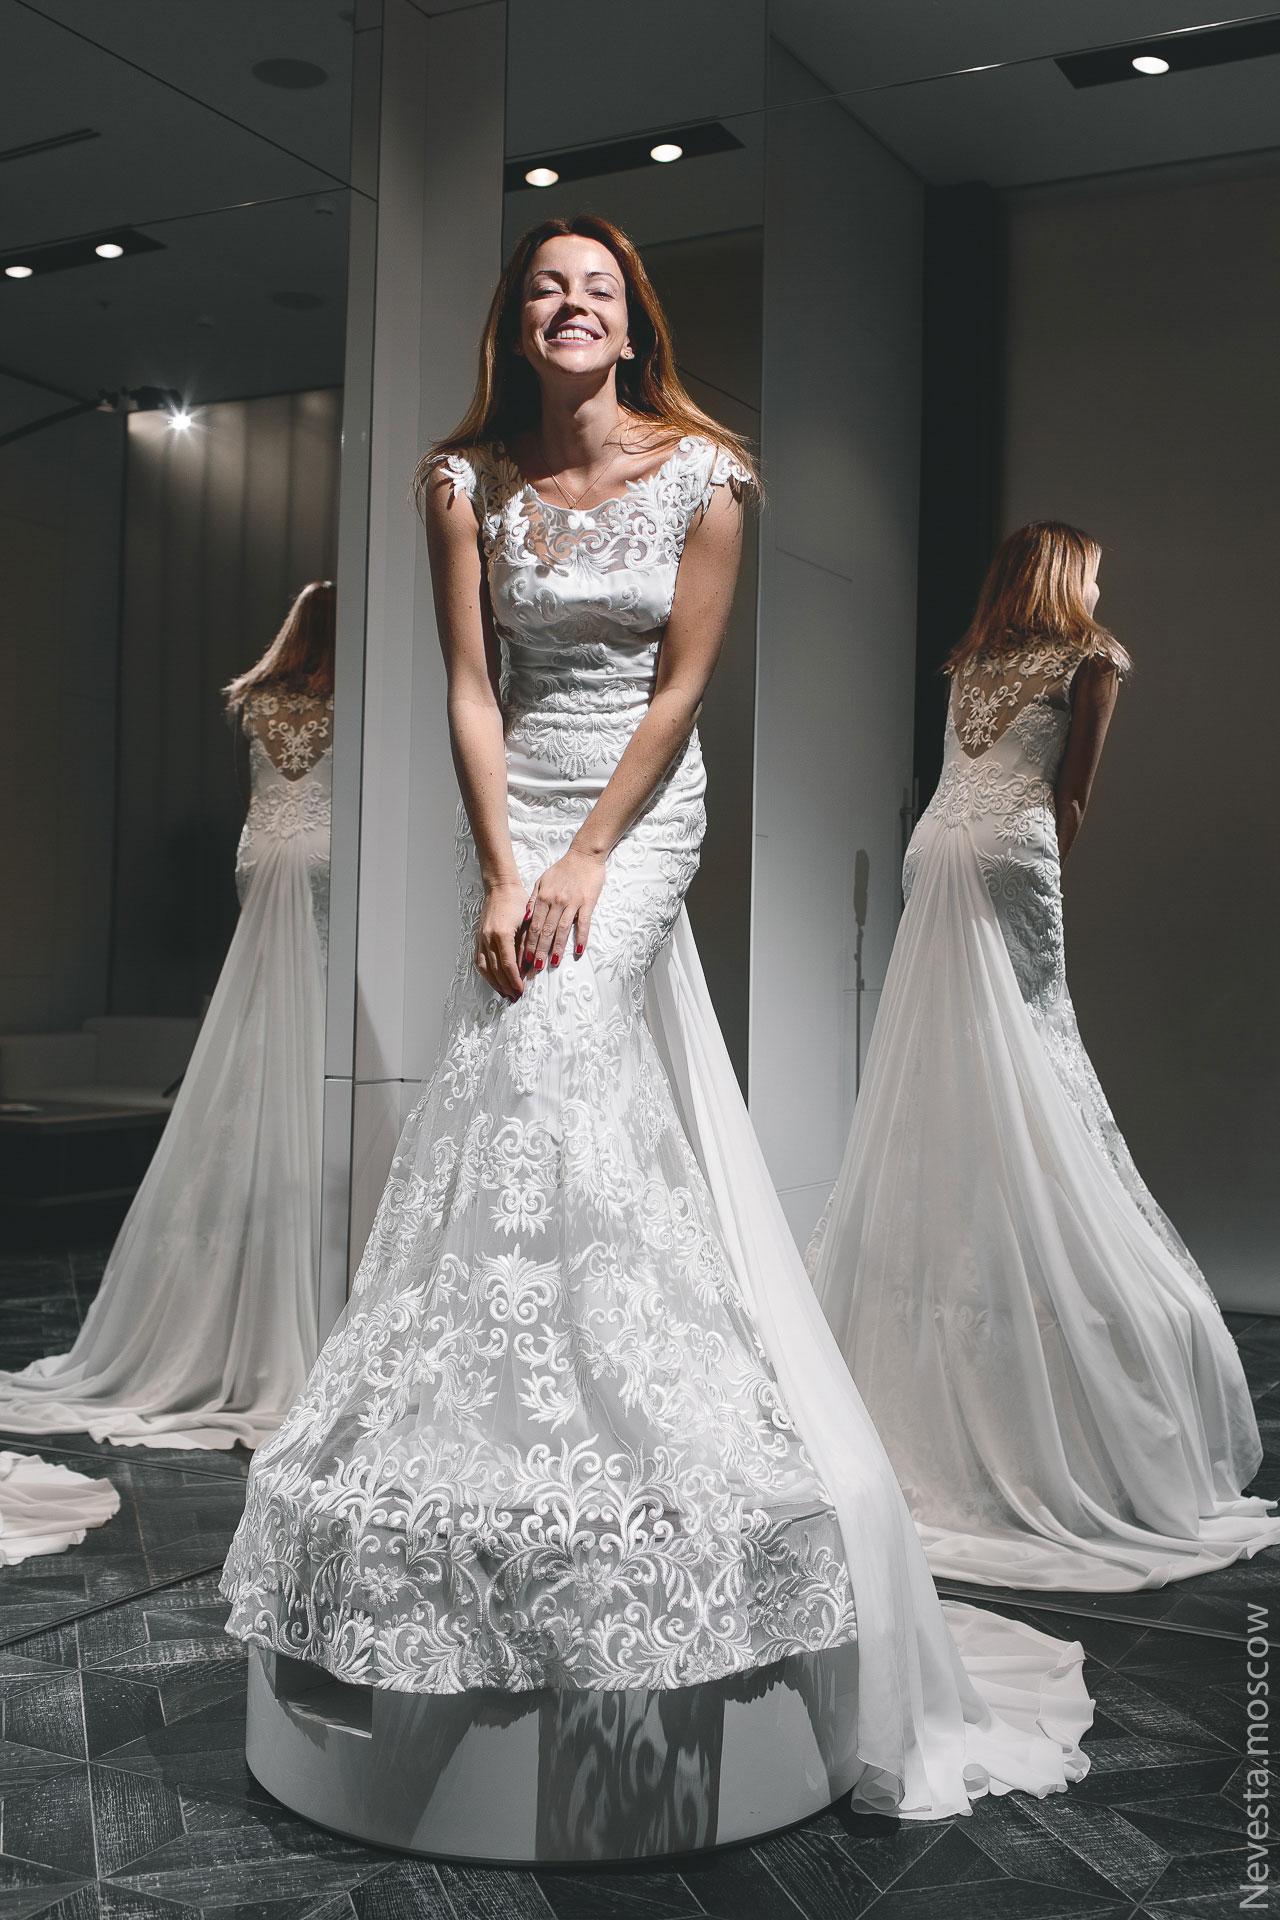 Актриса Ольга Зайцева примеряет свадебное платье фото 5